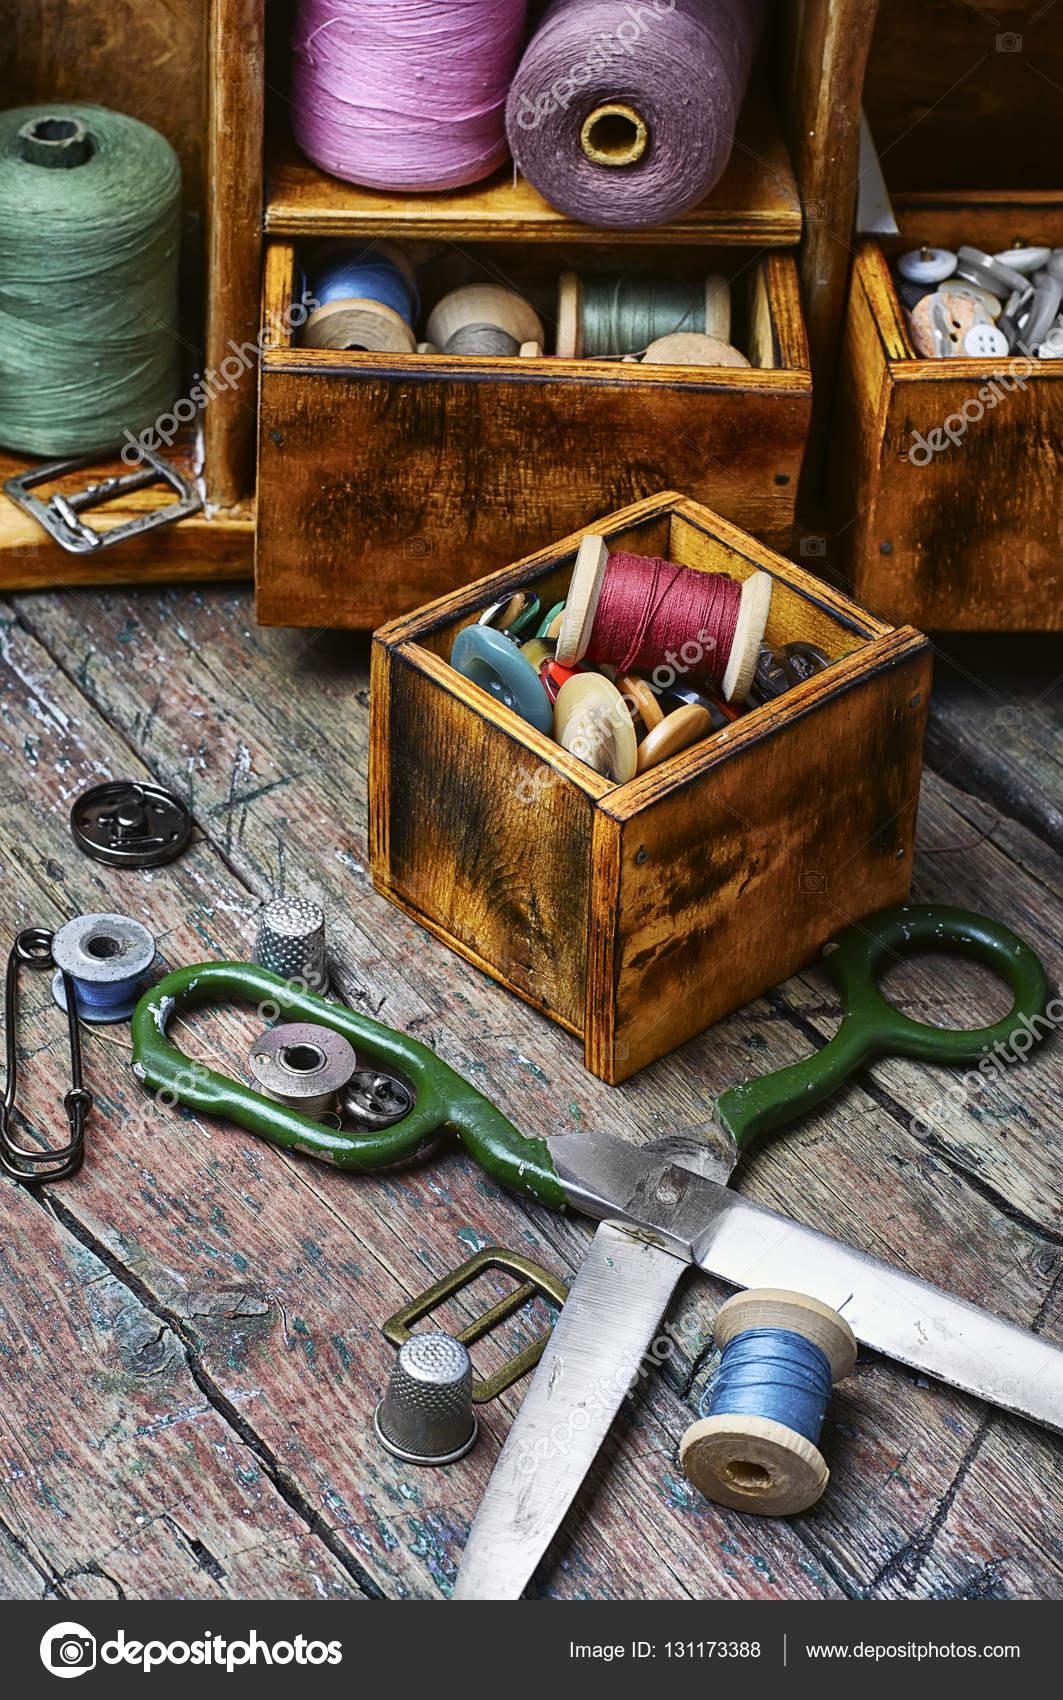 schrank mit fäden und knöpfe — stockfoto © nikolay_donetsk #131173388